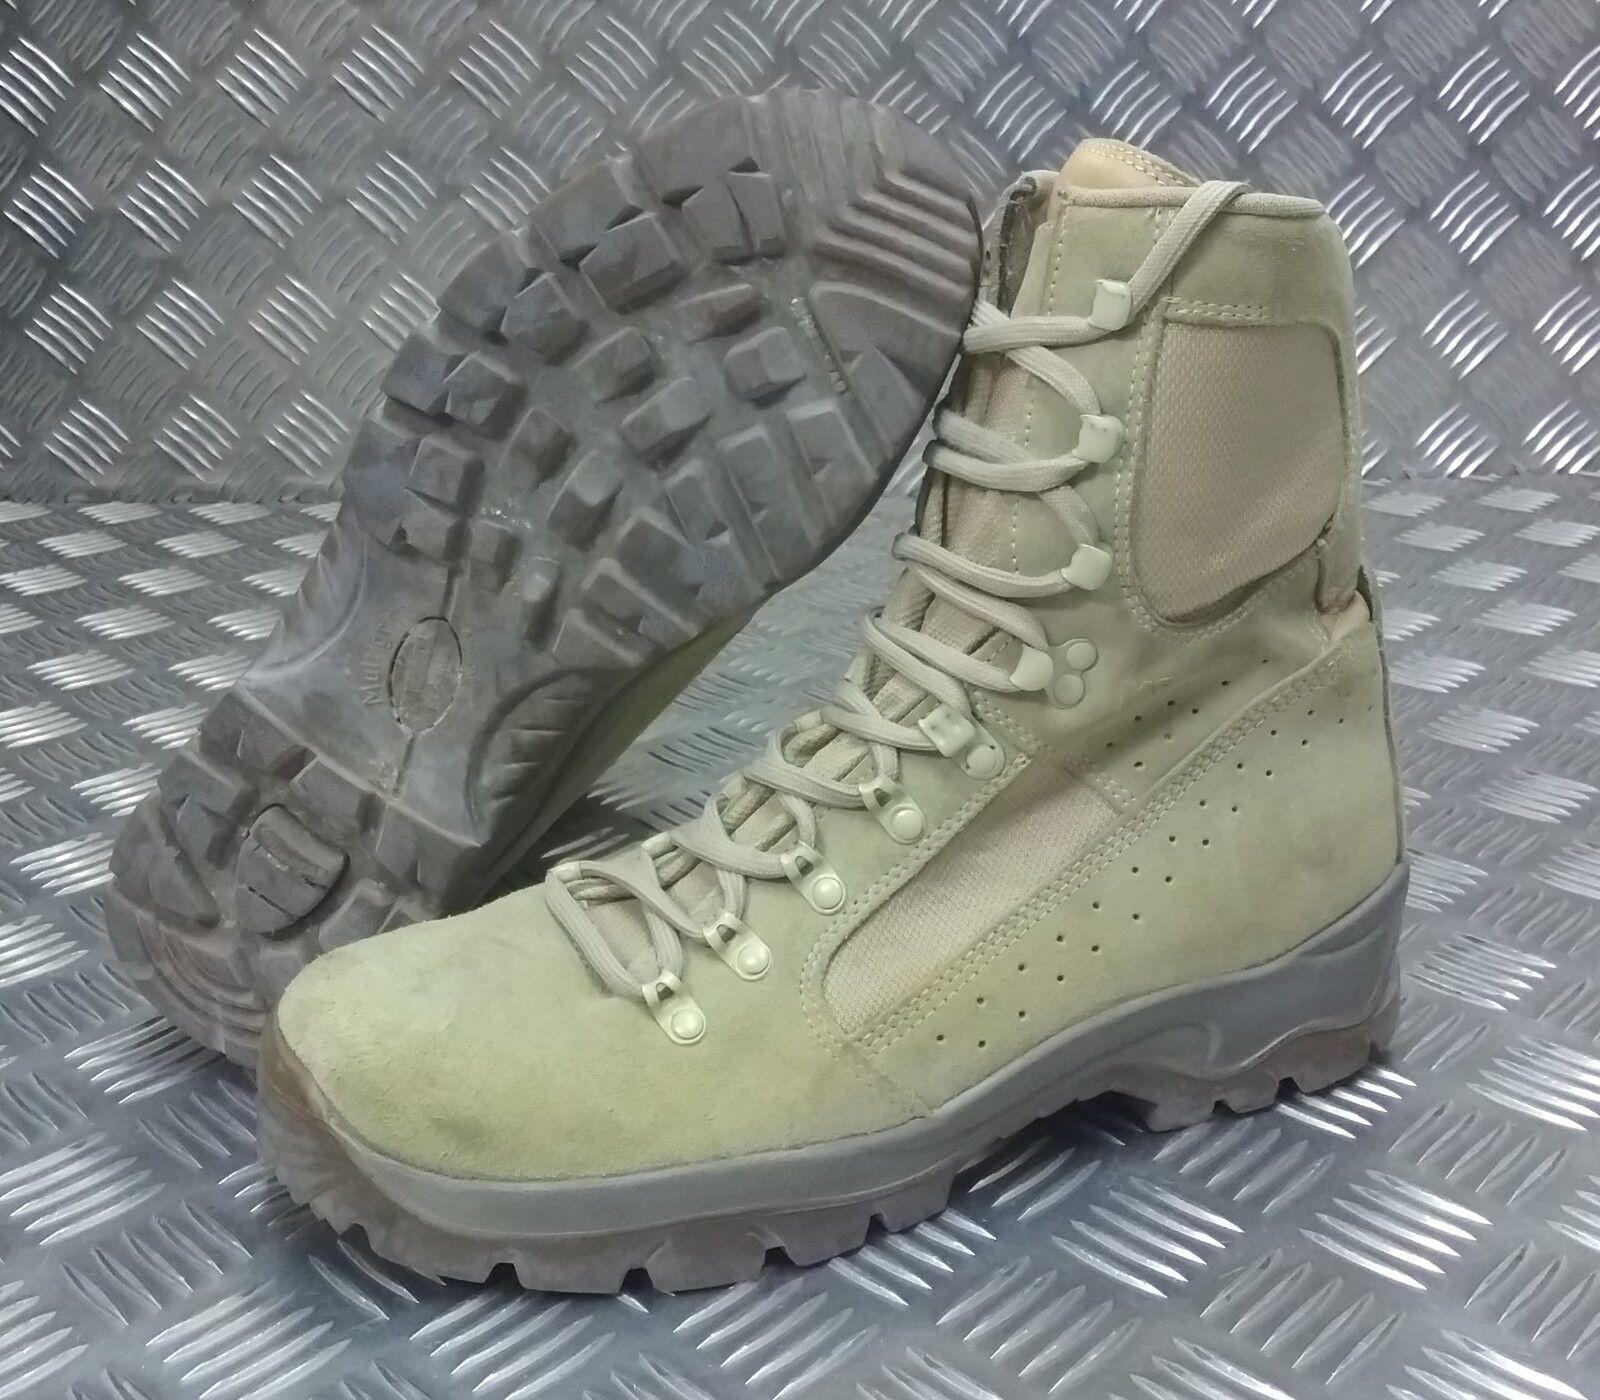 Genuine British Army Issue Meindl Desert Fox Assault / Combat Patrol Combat / Stiefel 705dff